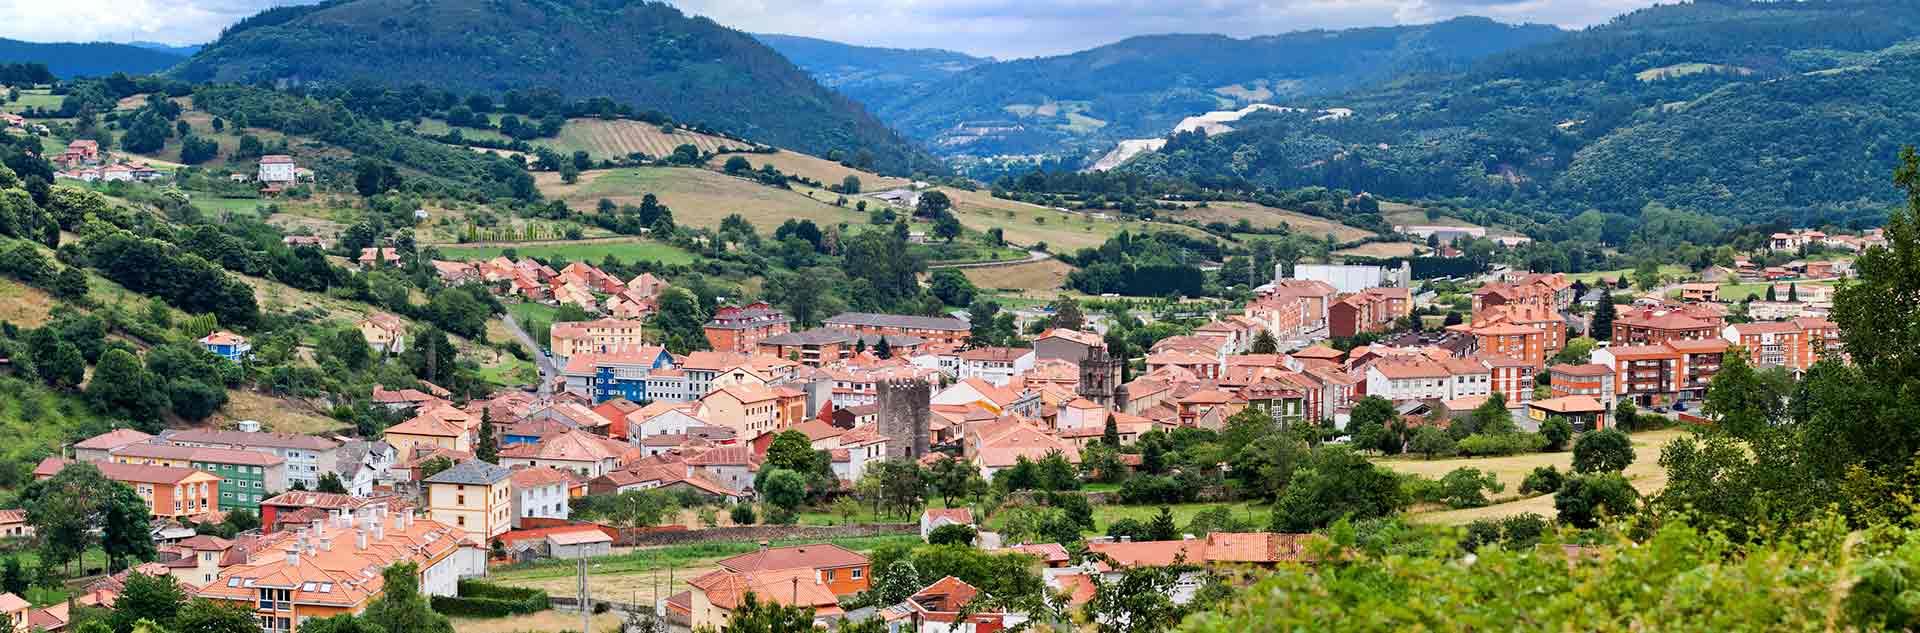 Vistas panorámicas de Salas en Oviedo, Asturias